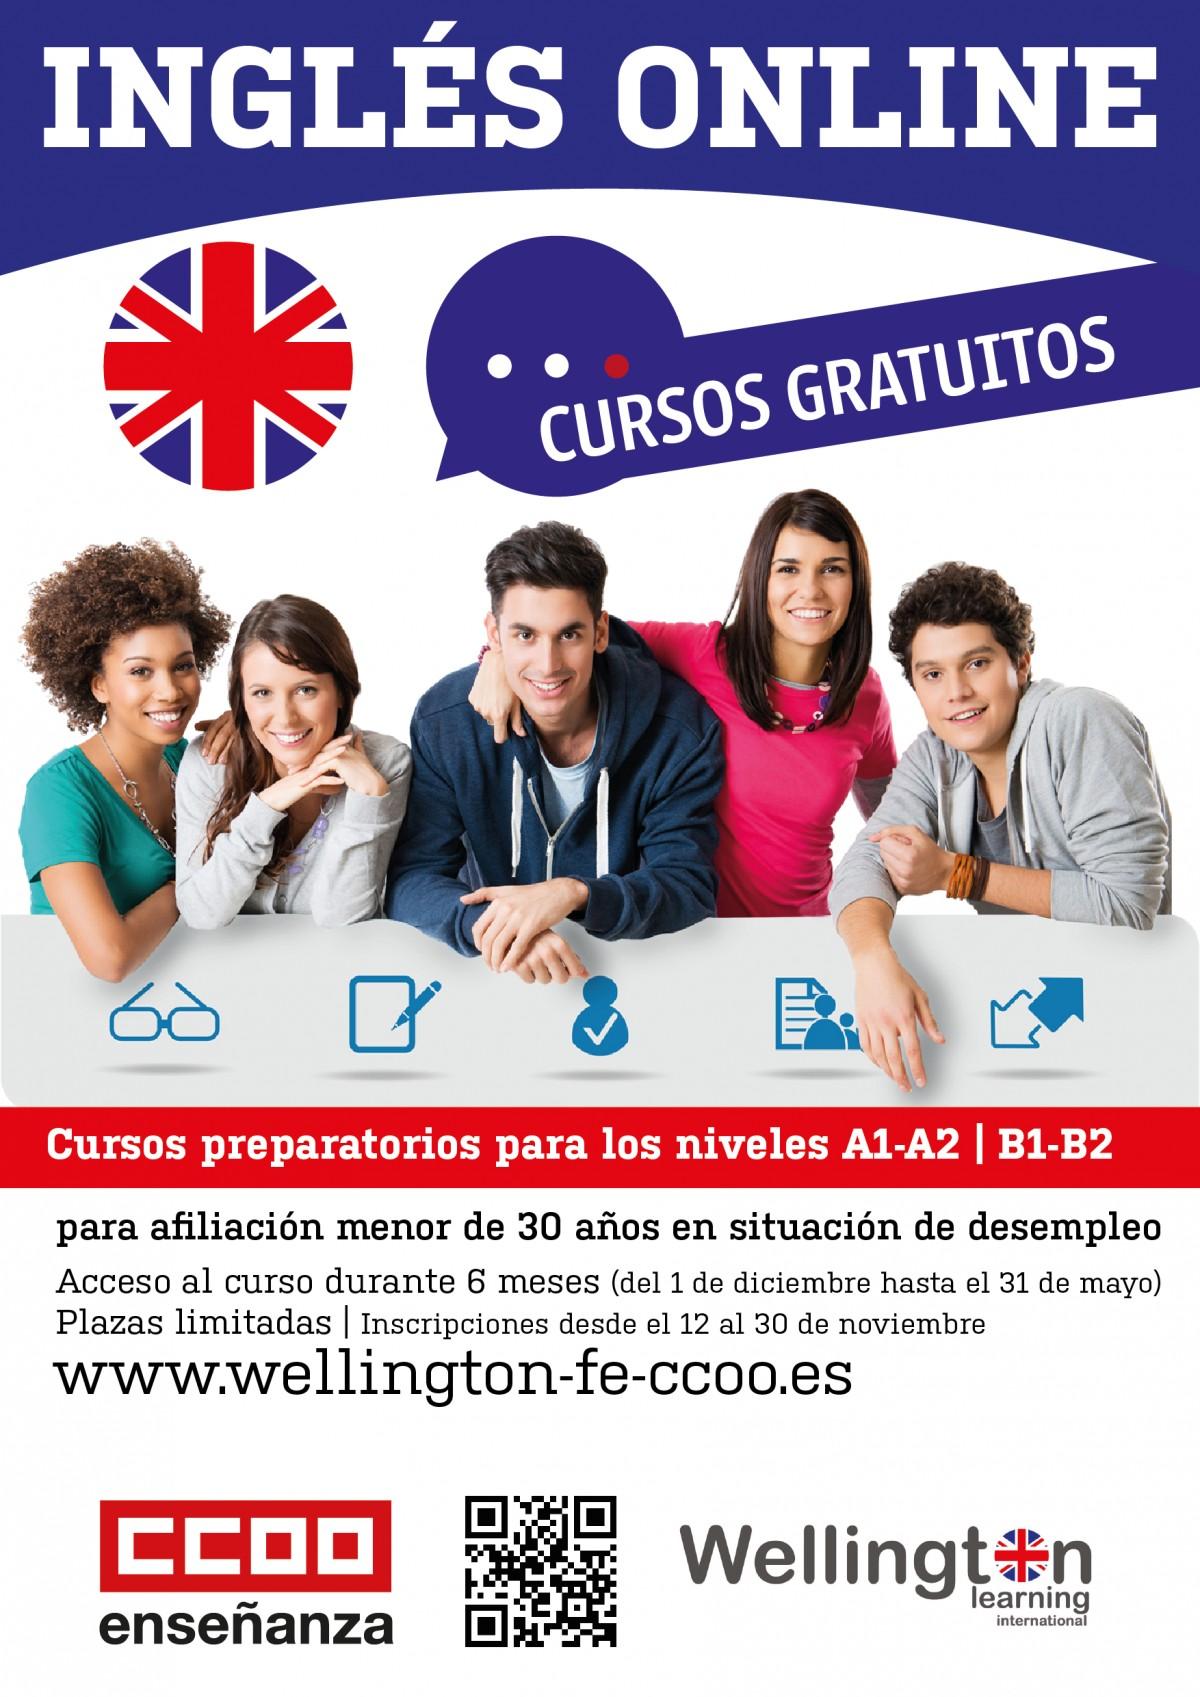 Cursos gratuitos de inglés para personas afiliadas menores de 30 a±os en situaci³n de desempleo